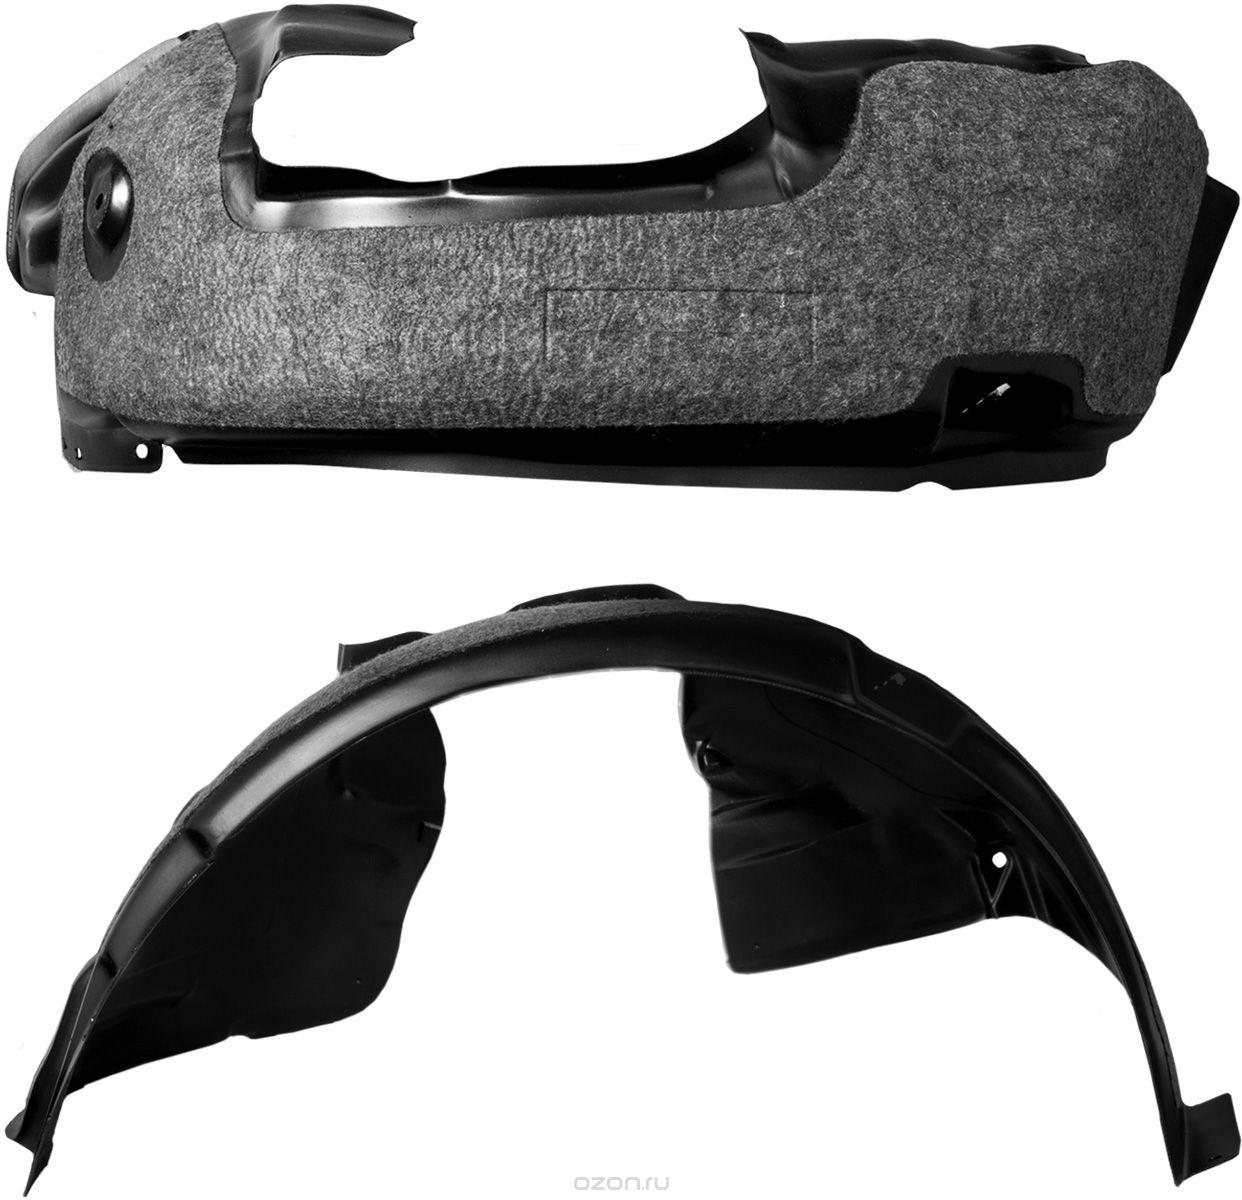 Подкрылок Novline-Autofamily, с шумоизоляцией, для CHERY Tiggo 3, 2017->, кроссовер, задний правыйTOTEM.S.63.18.004Идеальная защита колесной ниши. Локеры разработаны с применением цифровых технологий, гарантируют максимальную повторяемость поверхности арки. Изделия устанавливаются без нарушения лакокрасочного покрытия автомобиля, каждый подкрылок комплектуется крепежом. Уважаемые клиенты, обращаем ваше внимание, что фотографии на подкрылки универсальные и не отражают реальную форму изделия. При этом само изделие идет точно под размер указанного автомобиля.